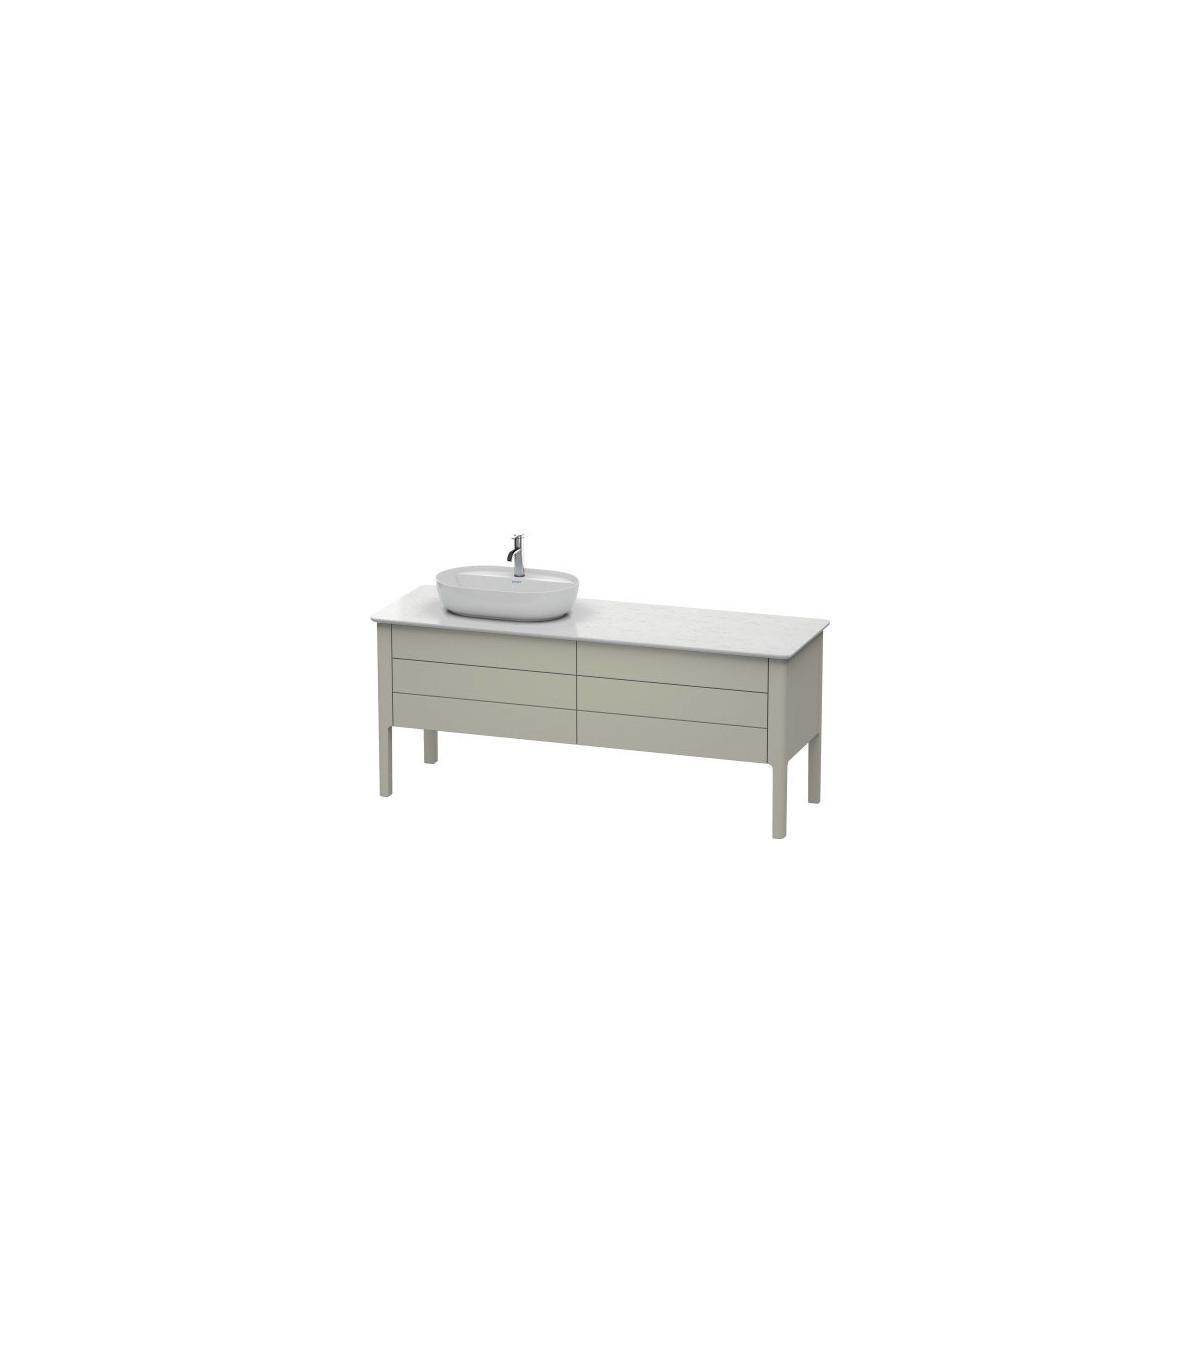 Mensola RCR bagno beton 120cmx51,2 H10cm con lavabo da appoggio